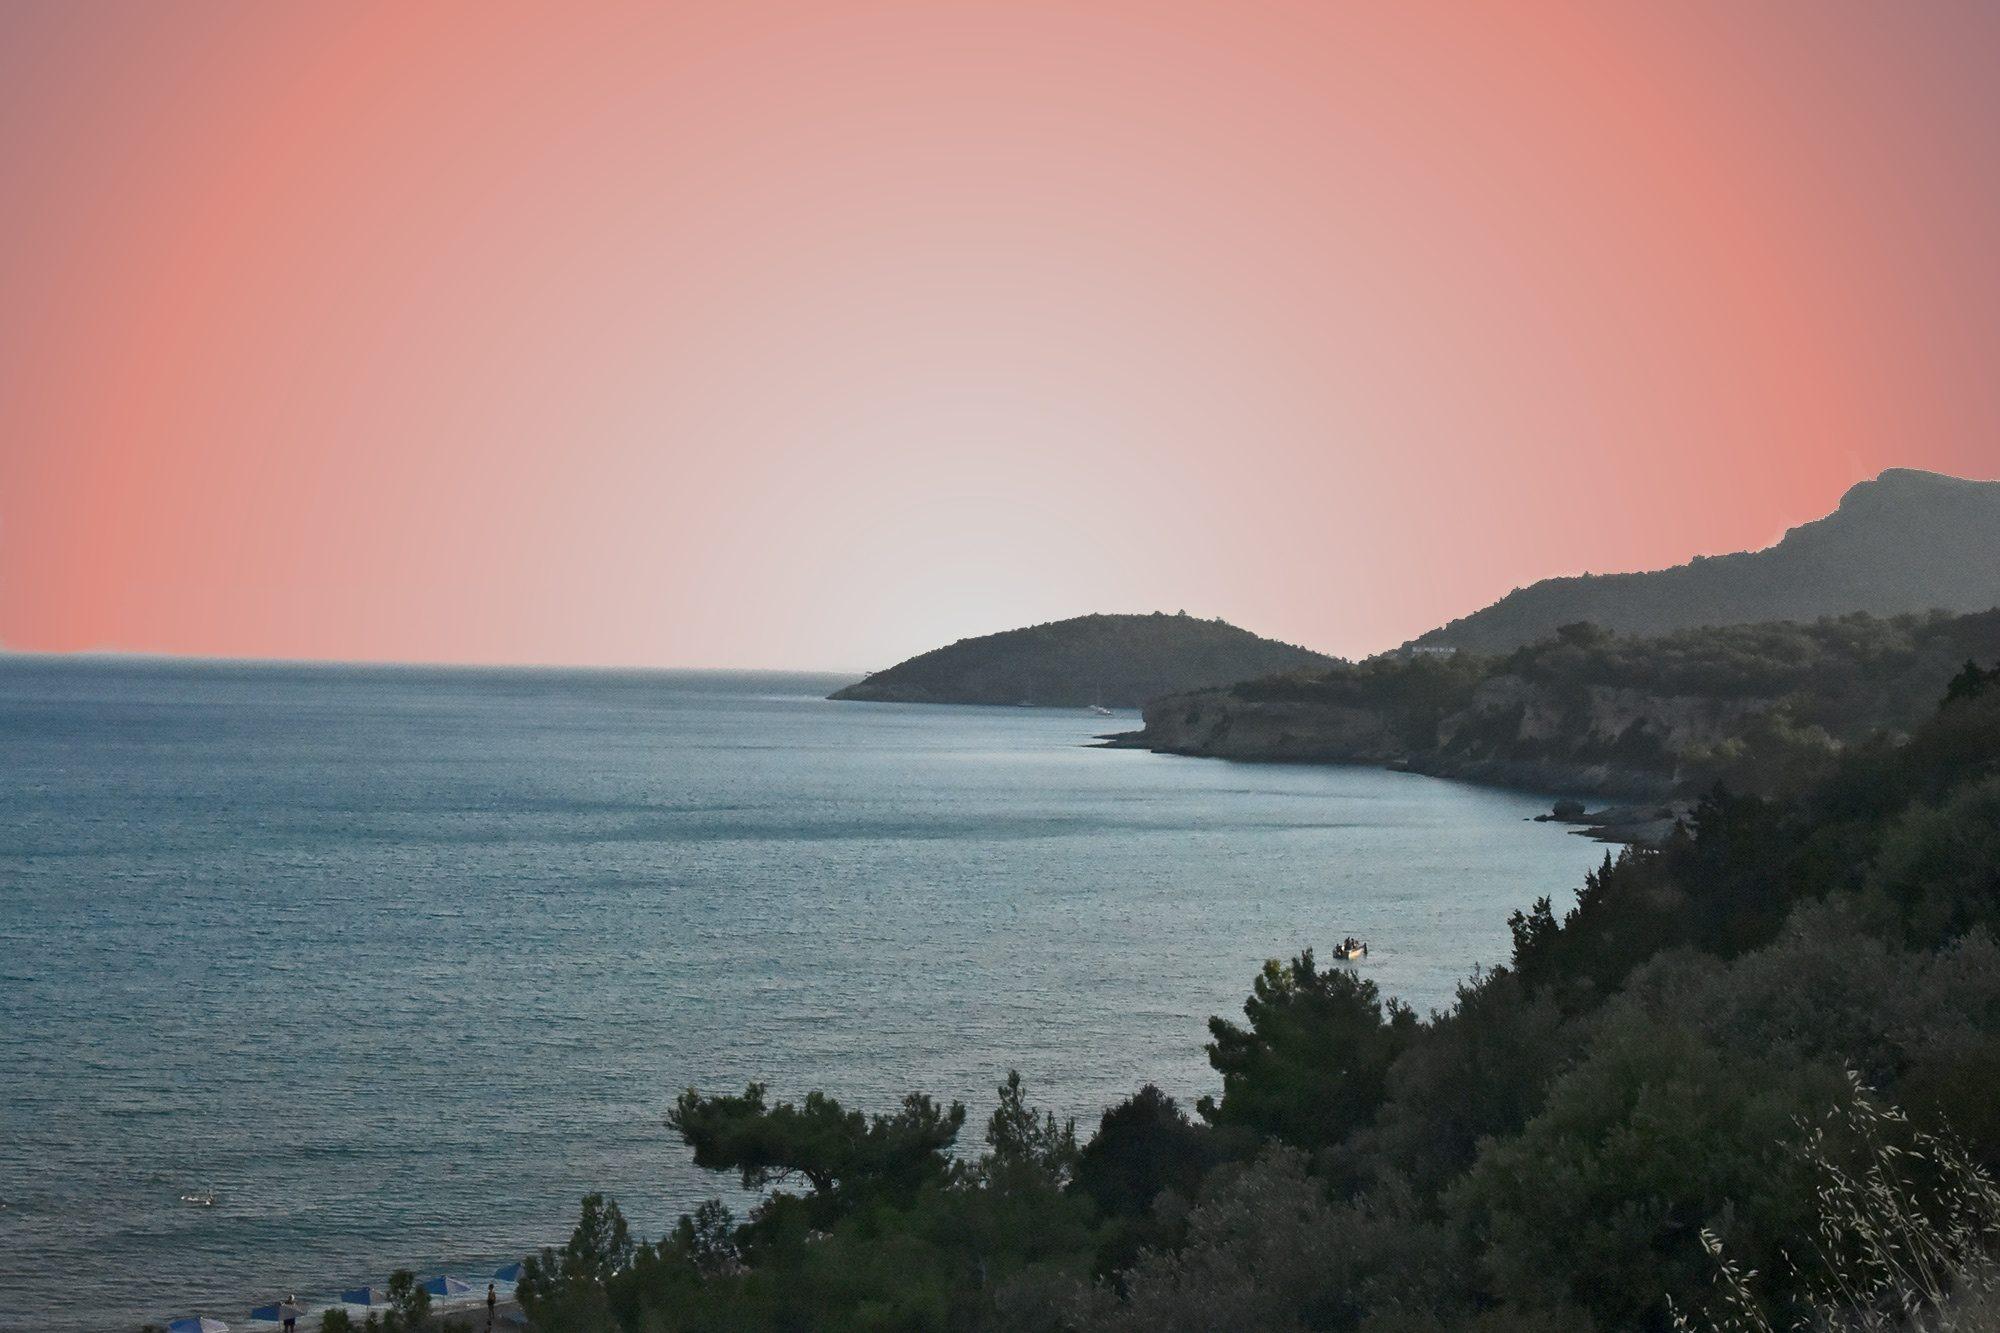 Ψιλή Άμμο Μαραθοκάμπου